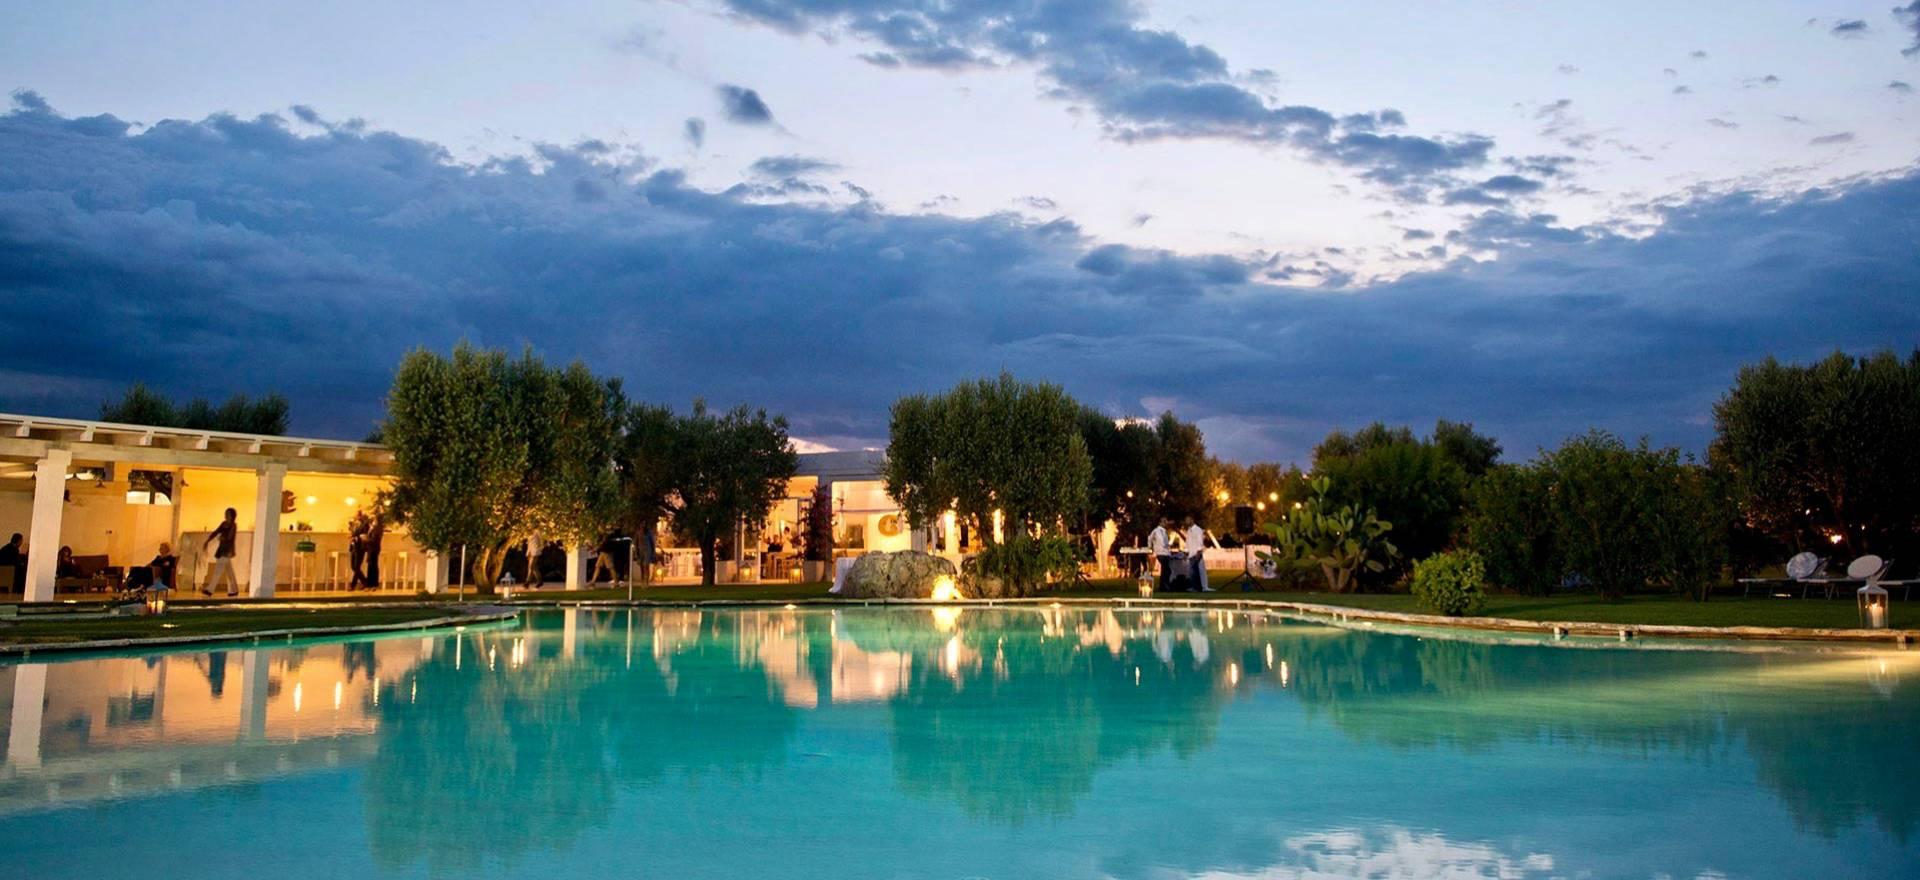 Agriturismo Puglia Agriturismo di lusso con piscina e vicino al mare